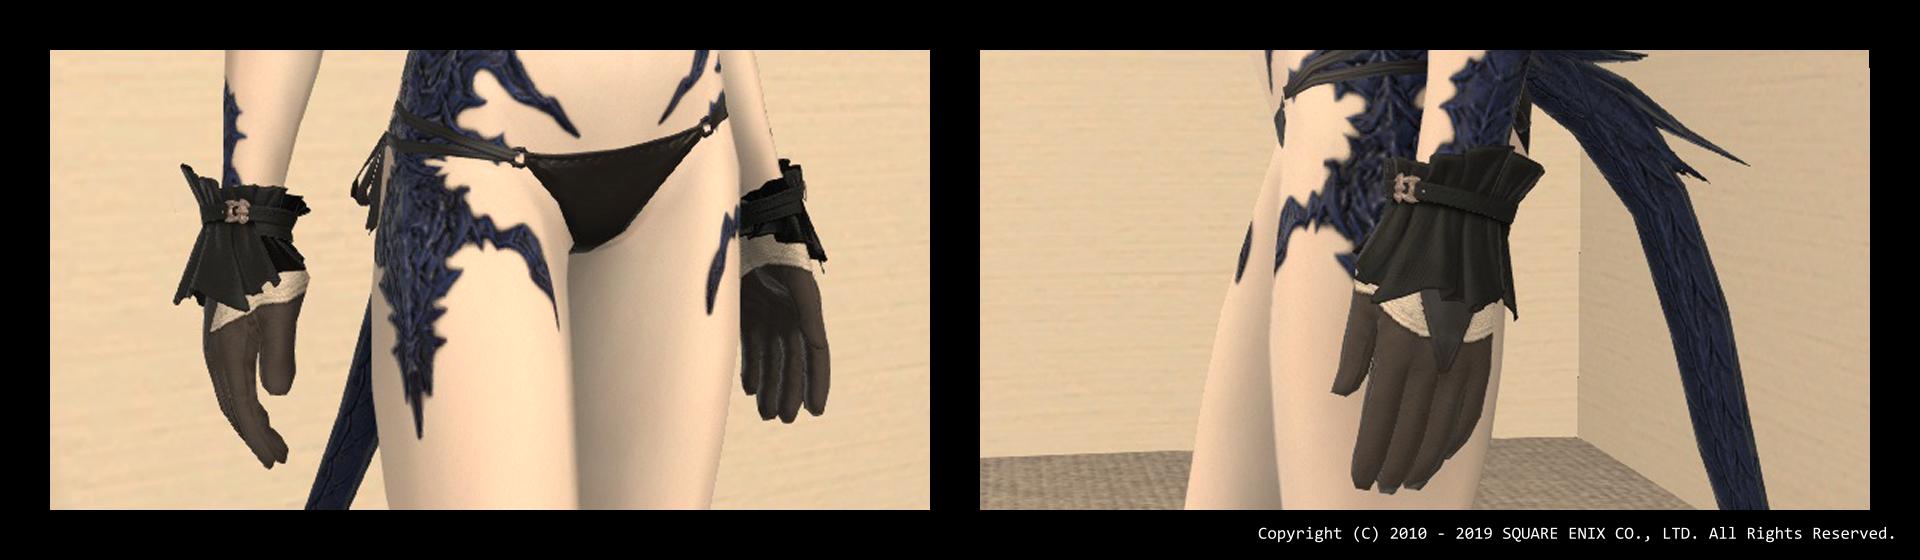 400-blmsmnrdmblu-hands